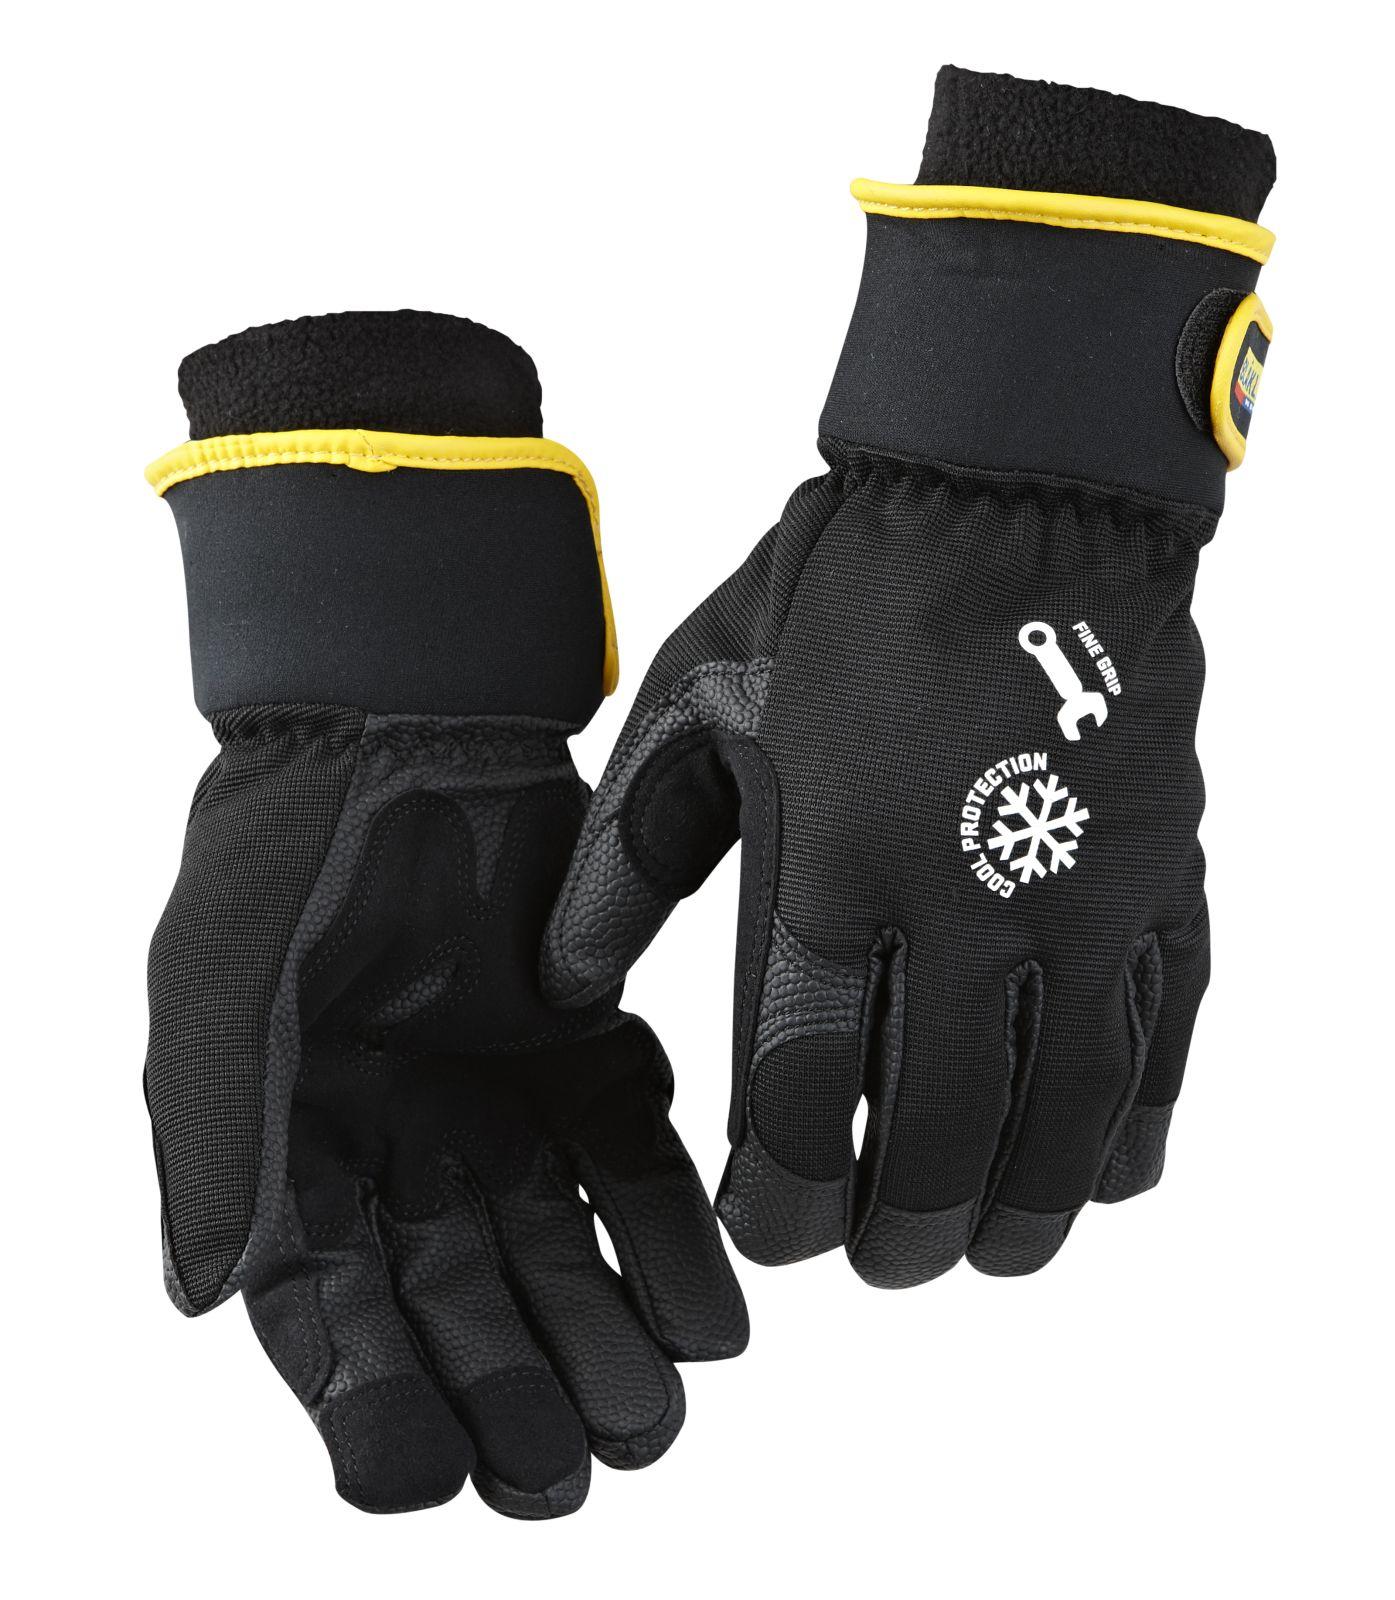 Blaklader Handschoenen 22473944 zwart-grijs(9994)